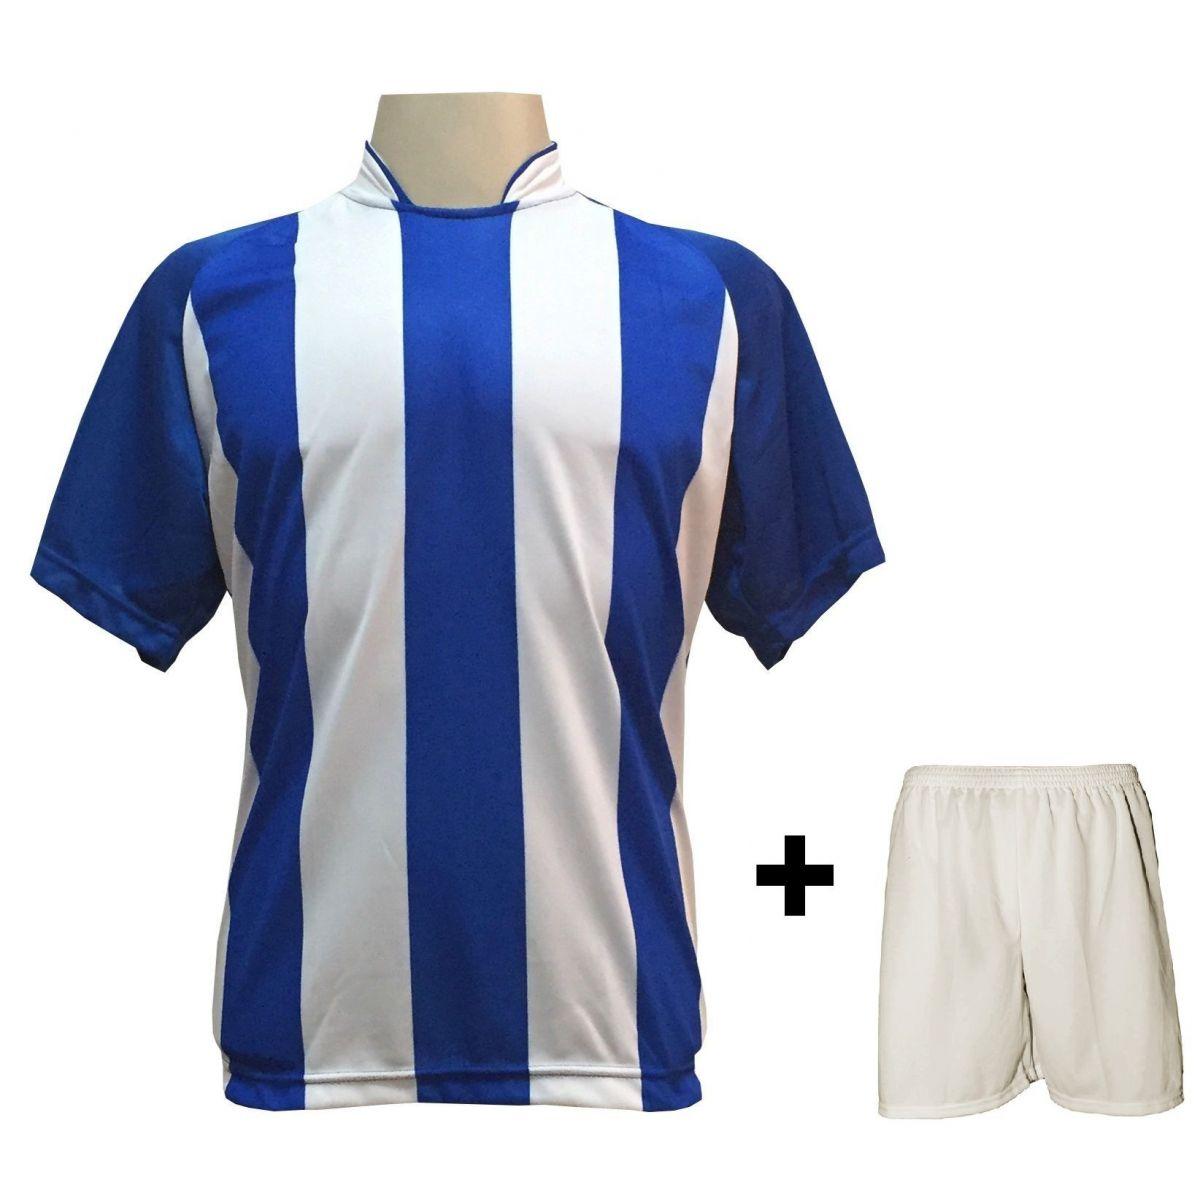 Uniforme Esportivo com 18 camisas modelo Milan Royal/Branco + 18 calções modelo Madrid Branco + Brindes